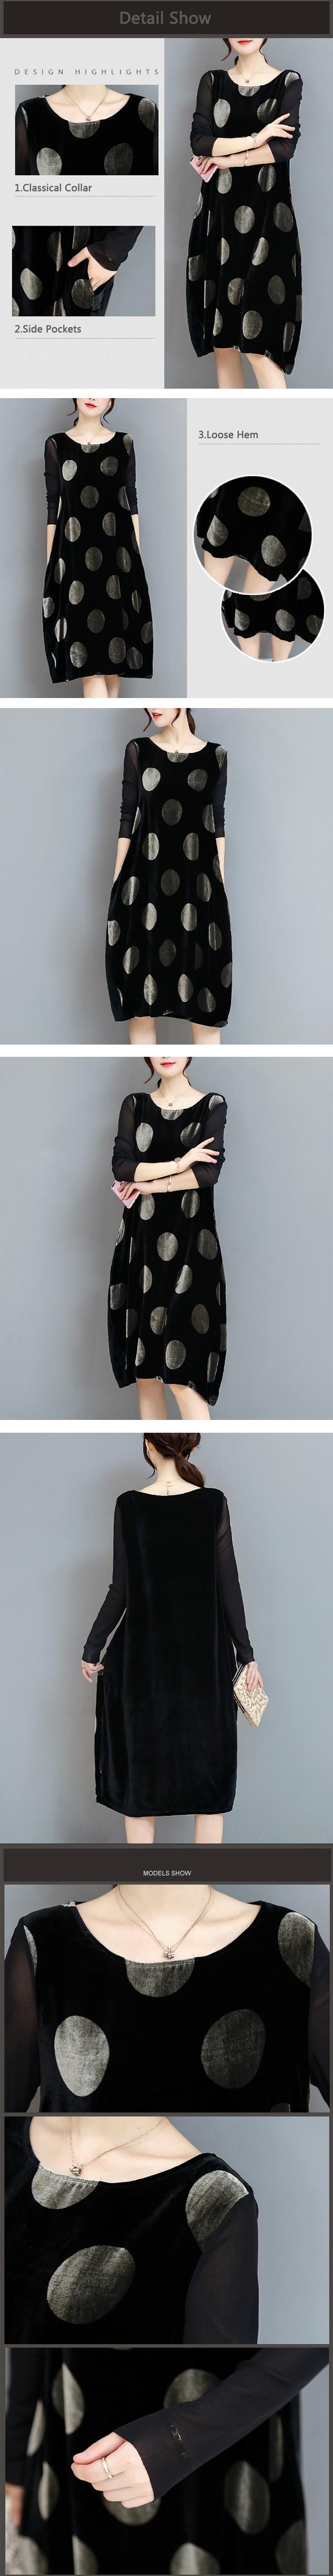 Elegant Polka Dot Velvet Loose Dress